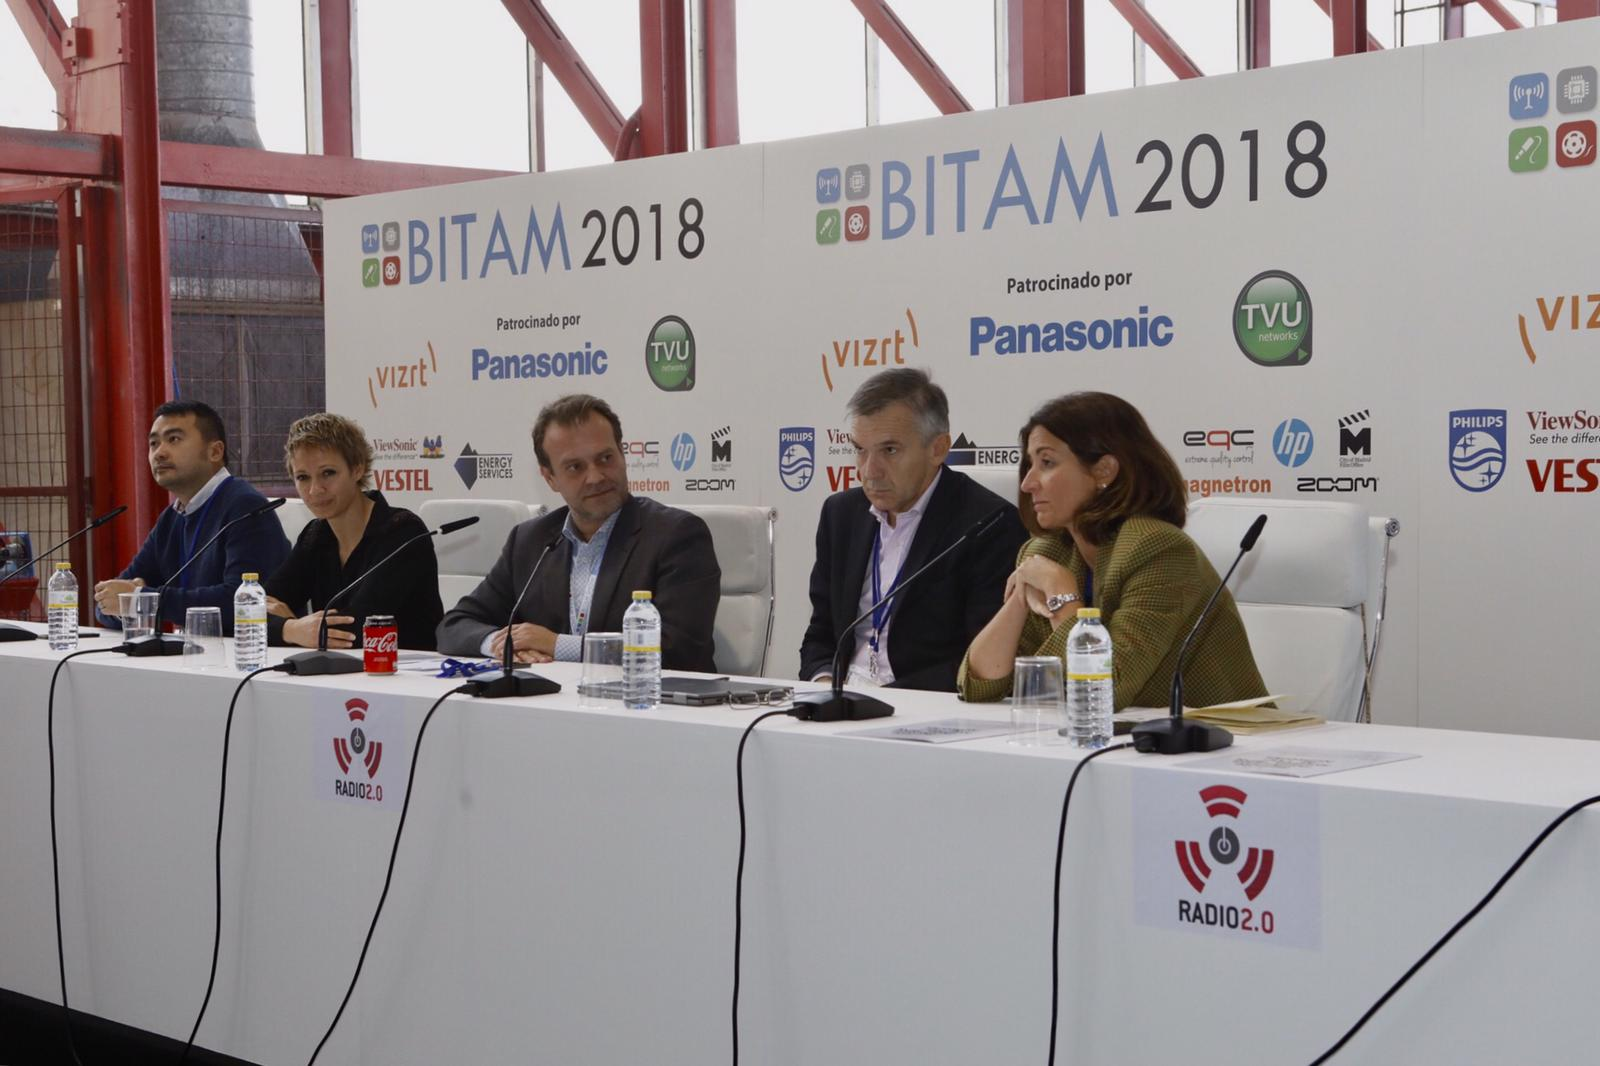 LED & GO, RUYBESA, NEO y TRISON, representadas a través de sus directivos.